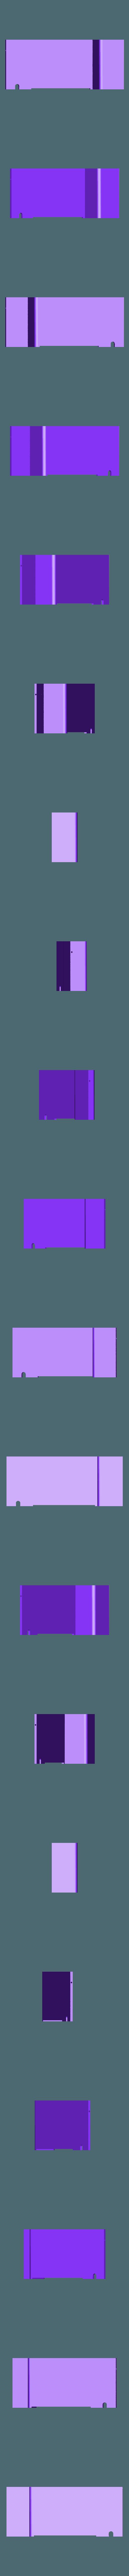 relay-retainer.STL Télécharger fichier STL gratuit Minuterie d'alimentation pour imprimante 3d • Design pour imprimante 3D, Nessun_Dorma